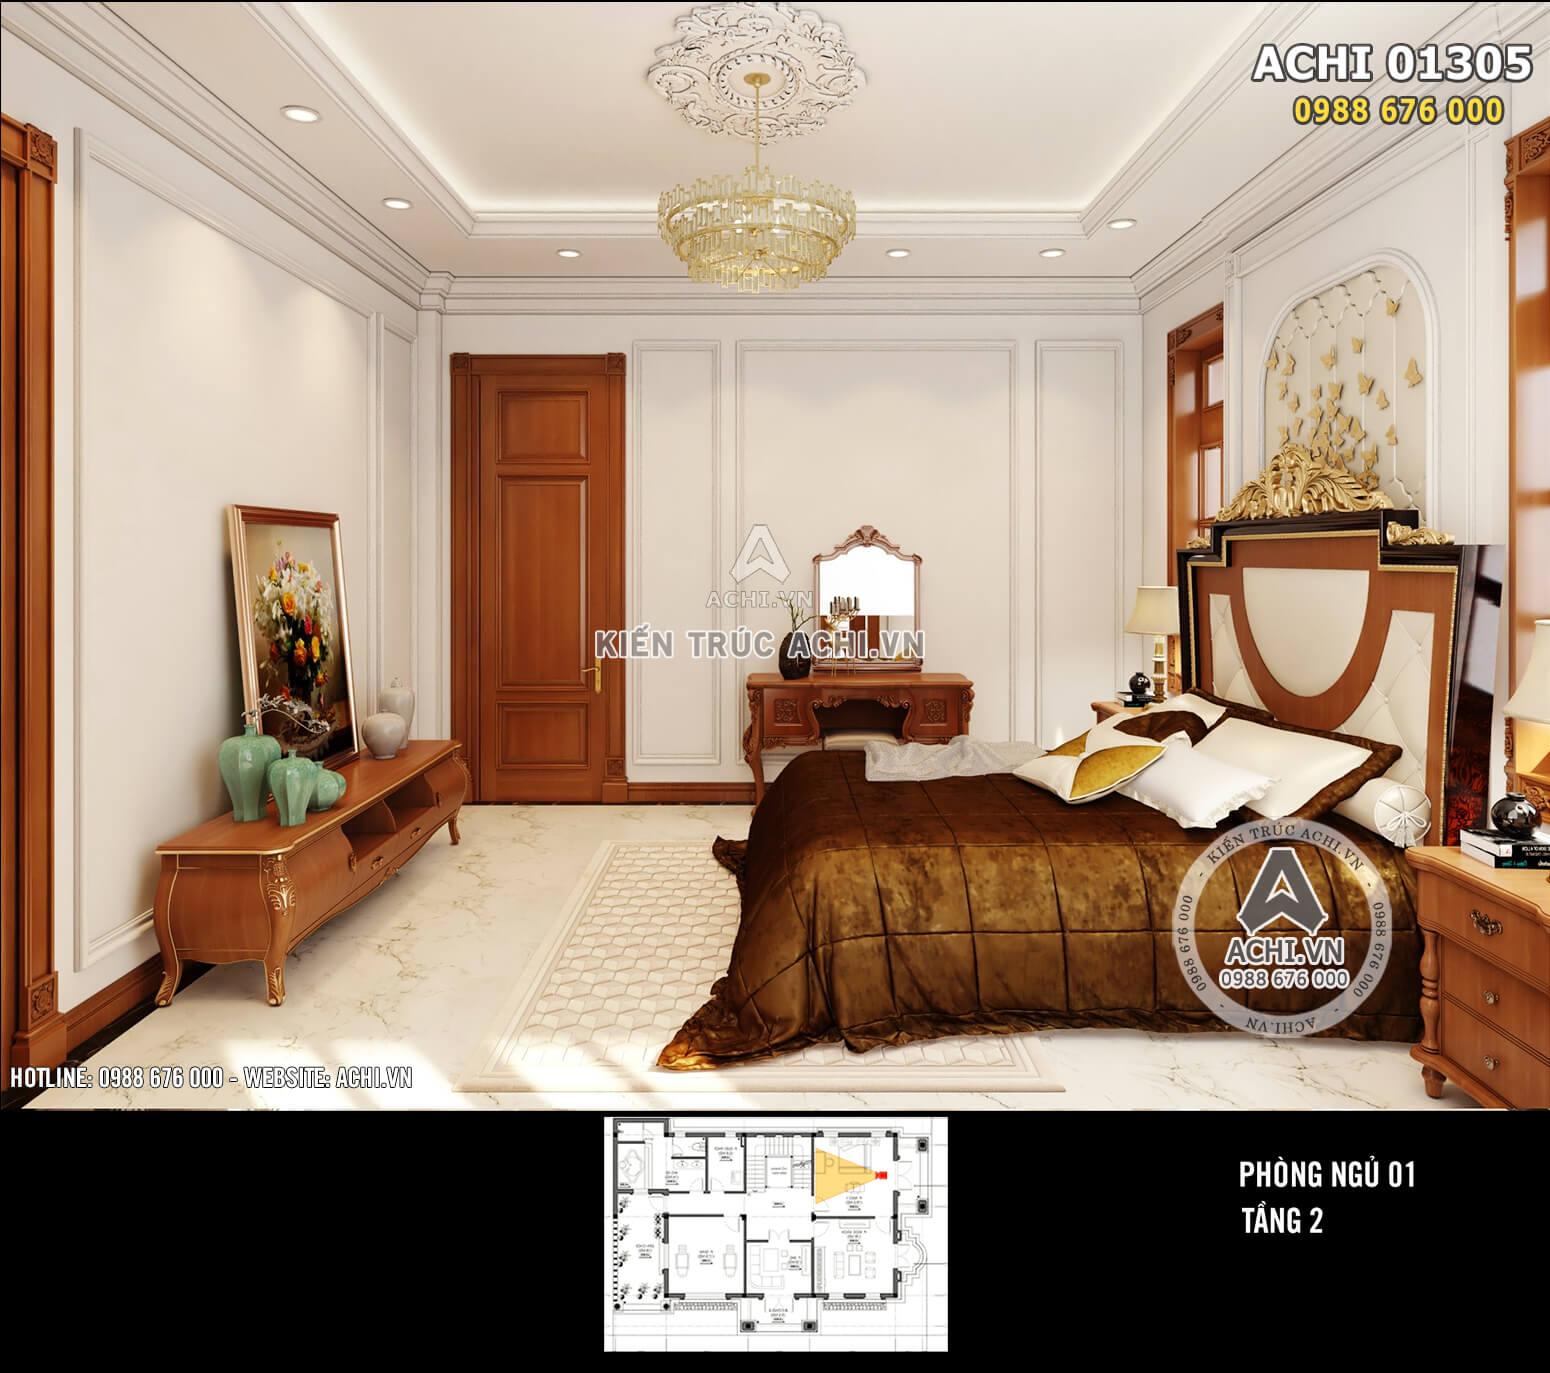 Thiết kế nội thất phòng ngủ với điểm nhấn là chiếc giường tiện nghi